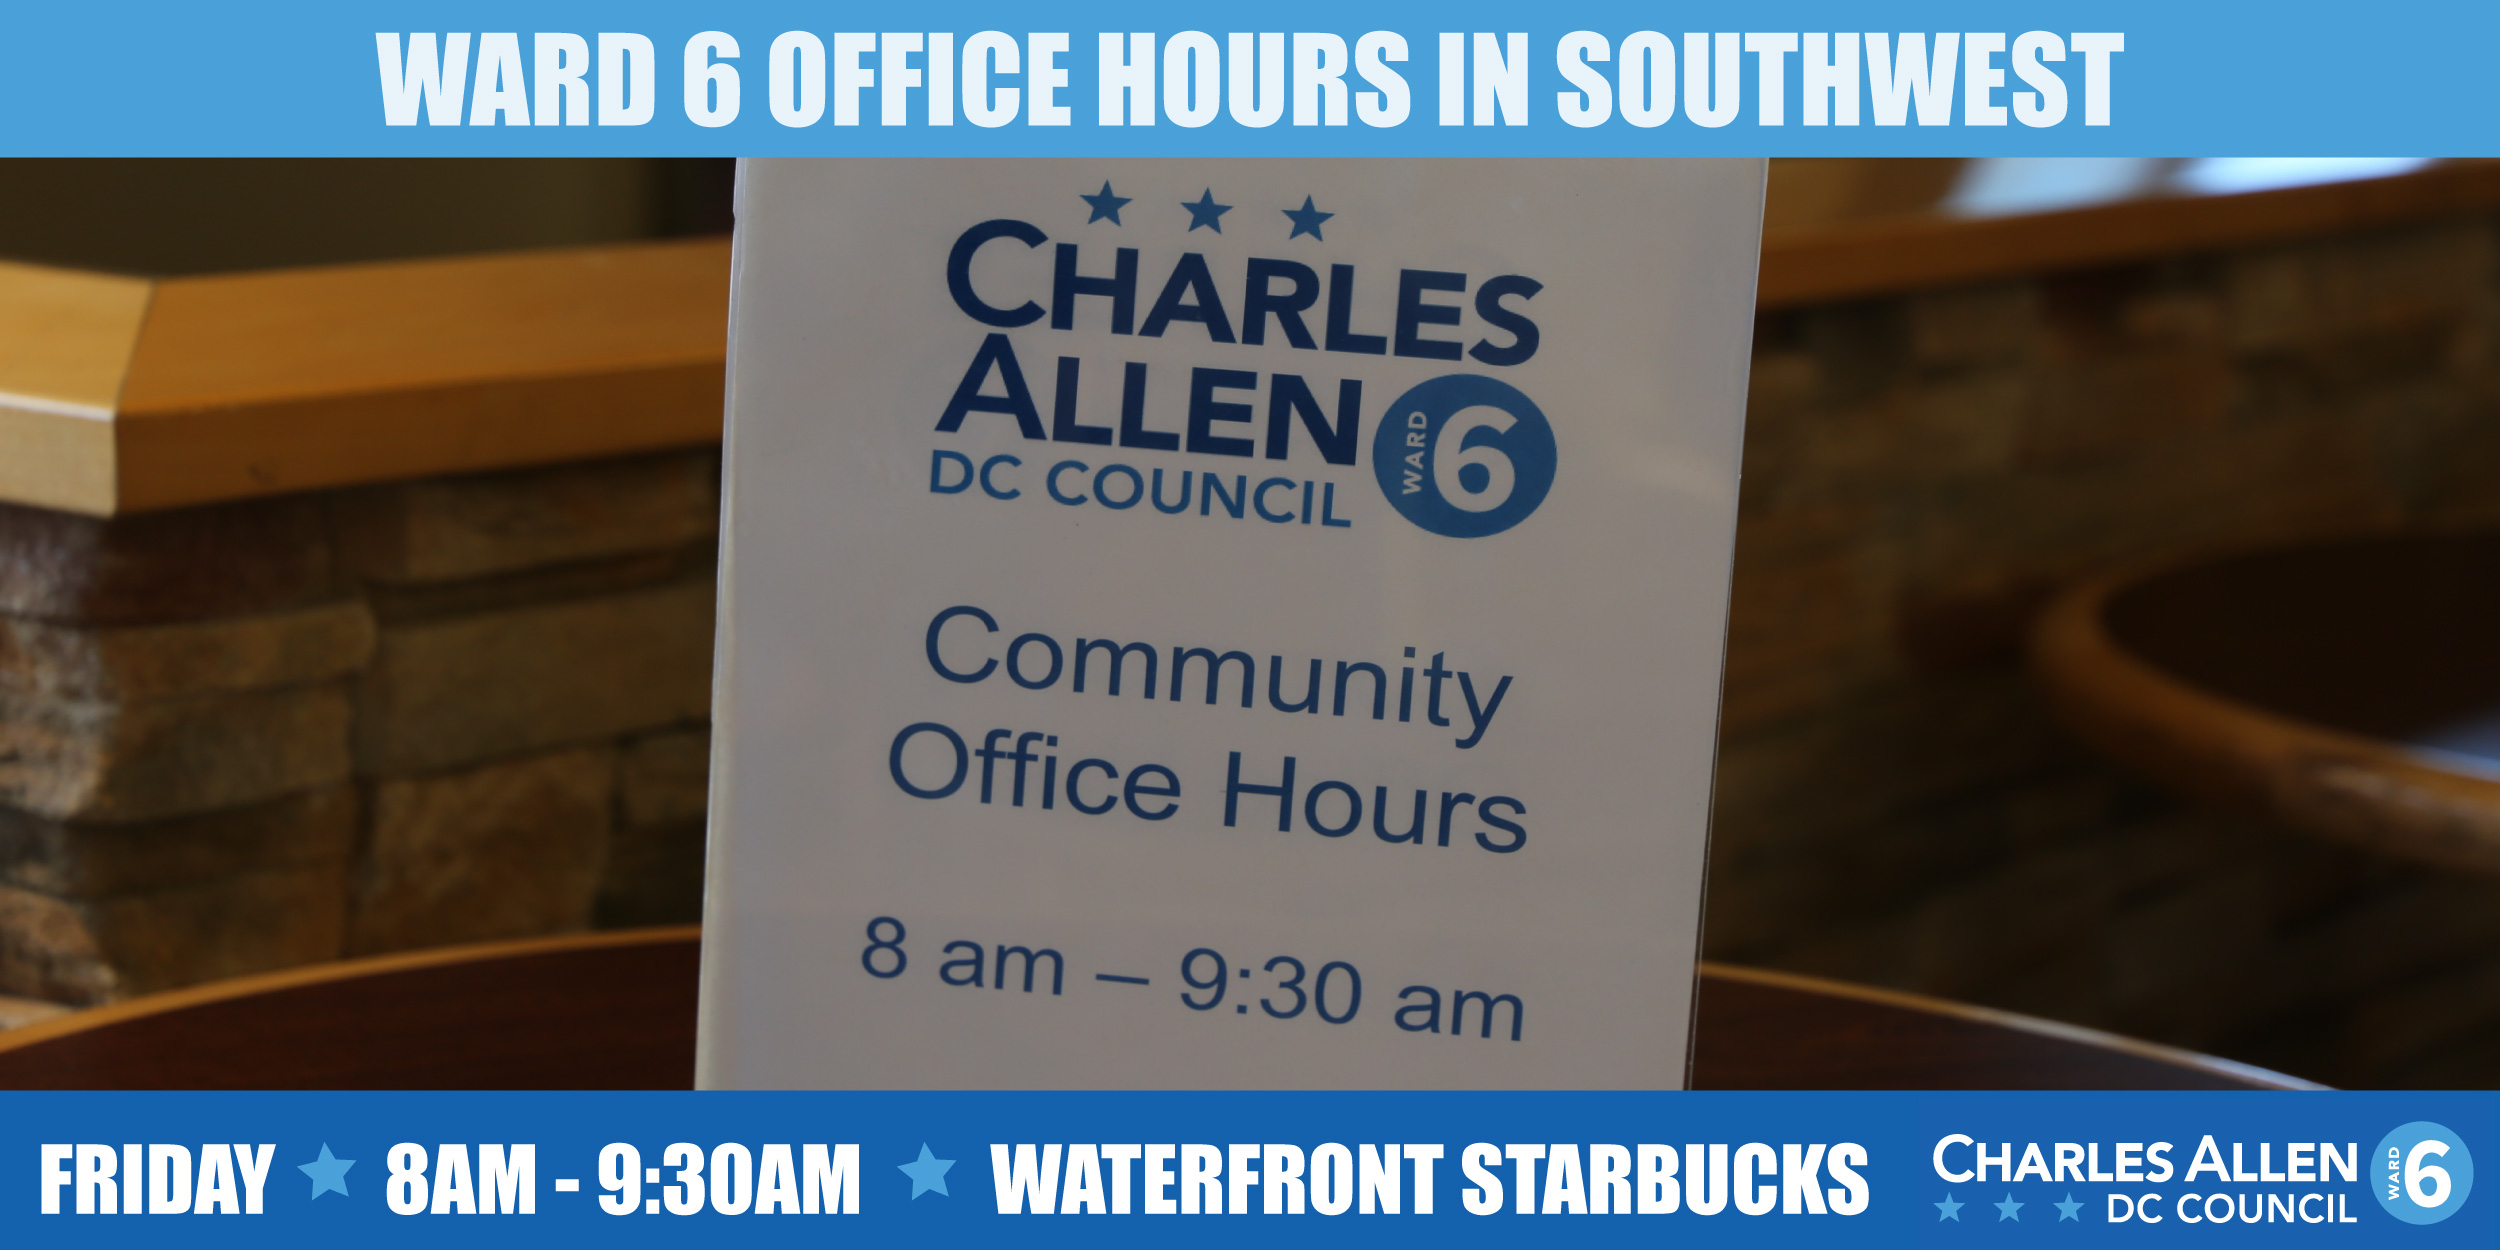 SW-Office-Hours.jpg